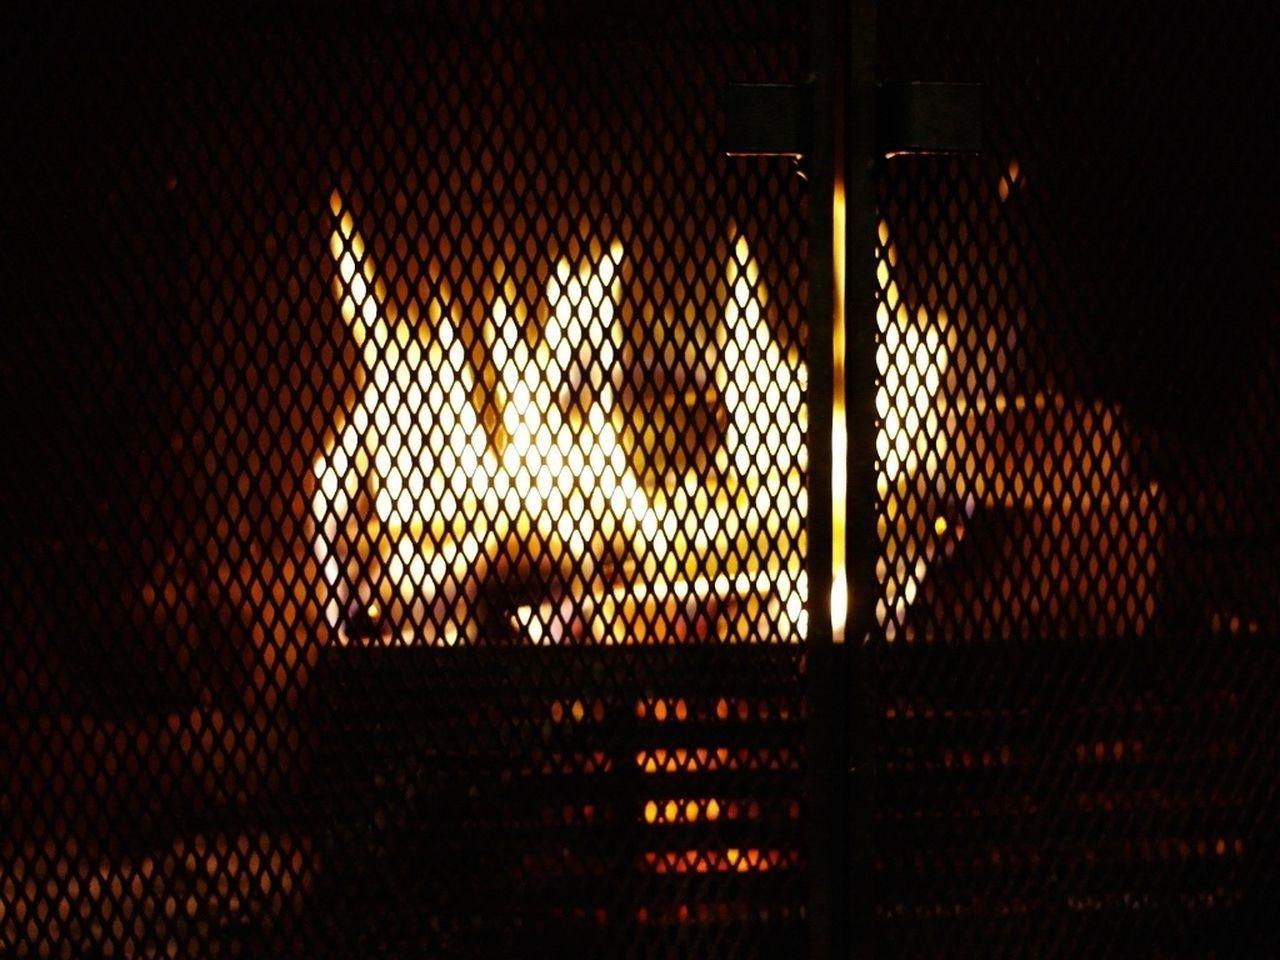 Beautiful stock photos of fireplace, Burning, Close-Up, Finland, Fire